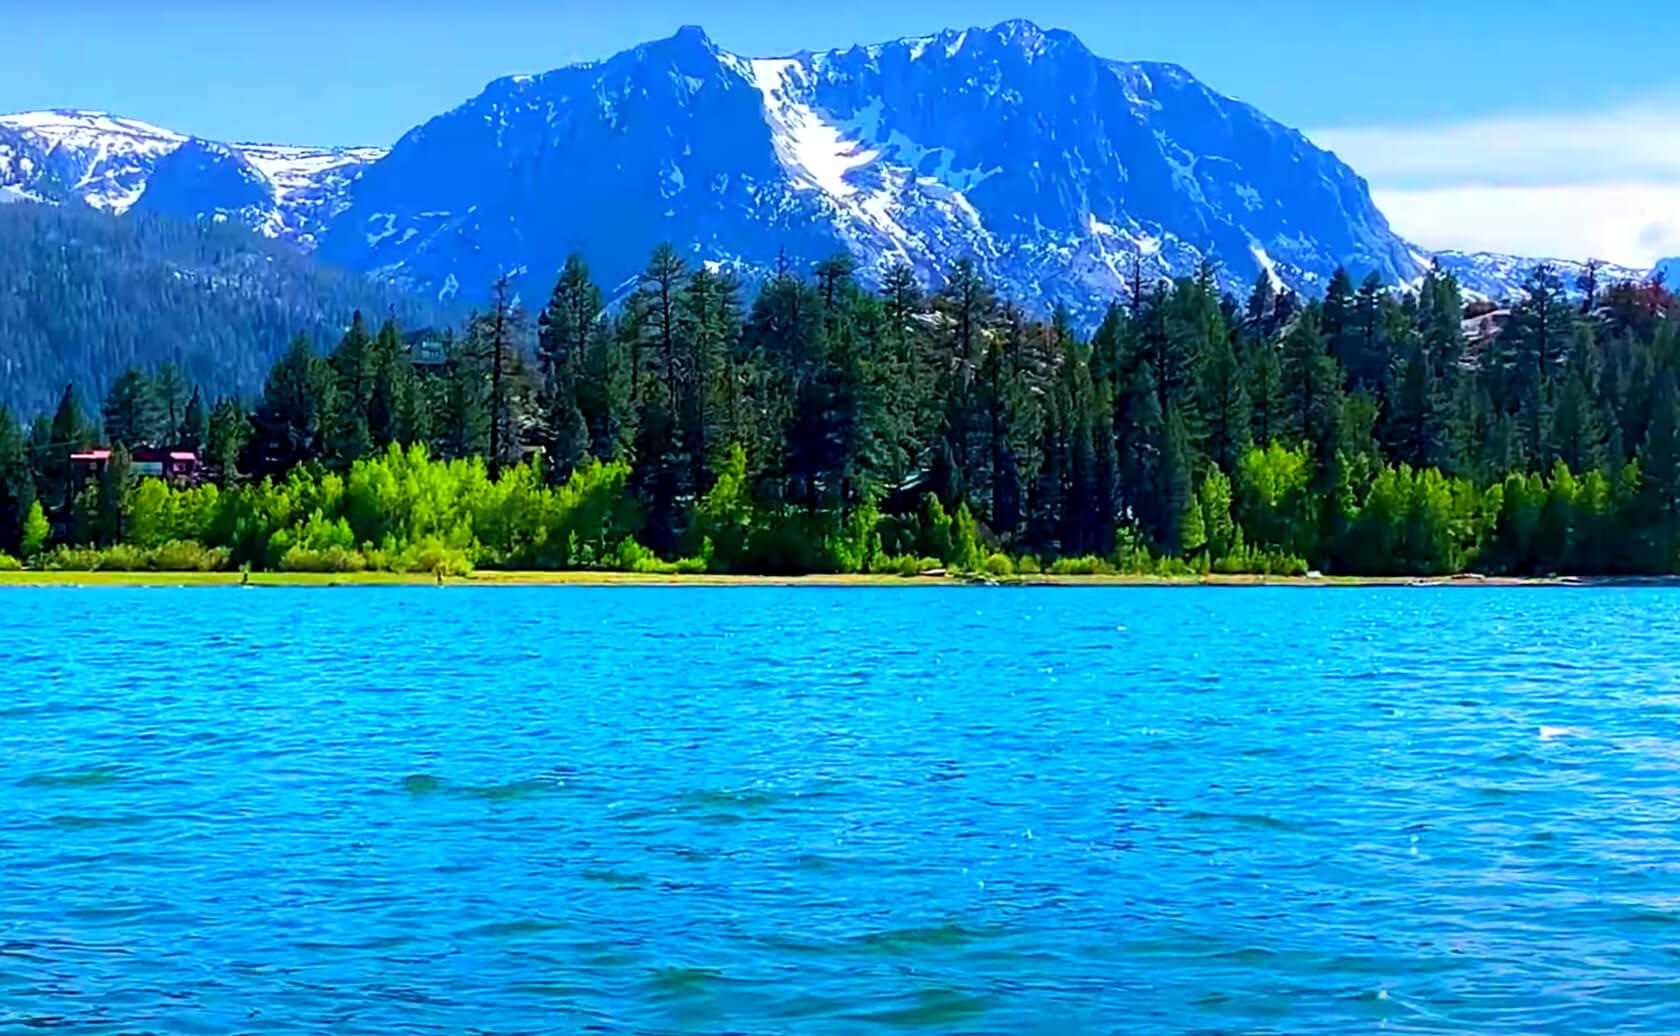 June-Lake-Fishing-Guide-Report-California-01